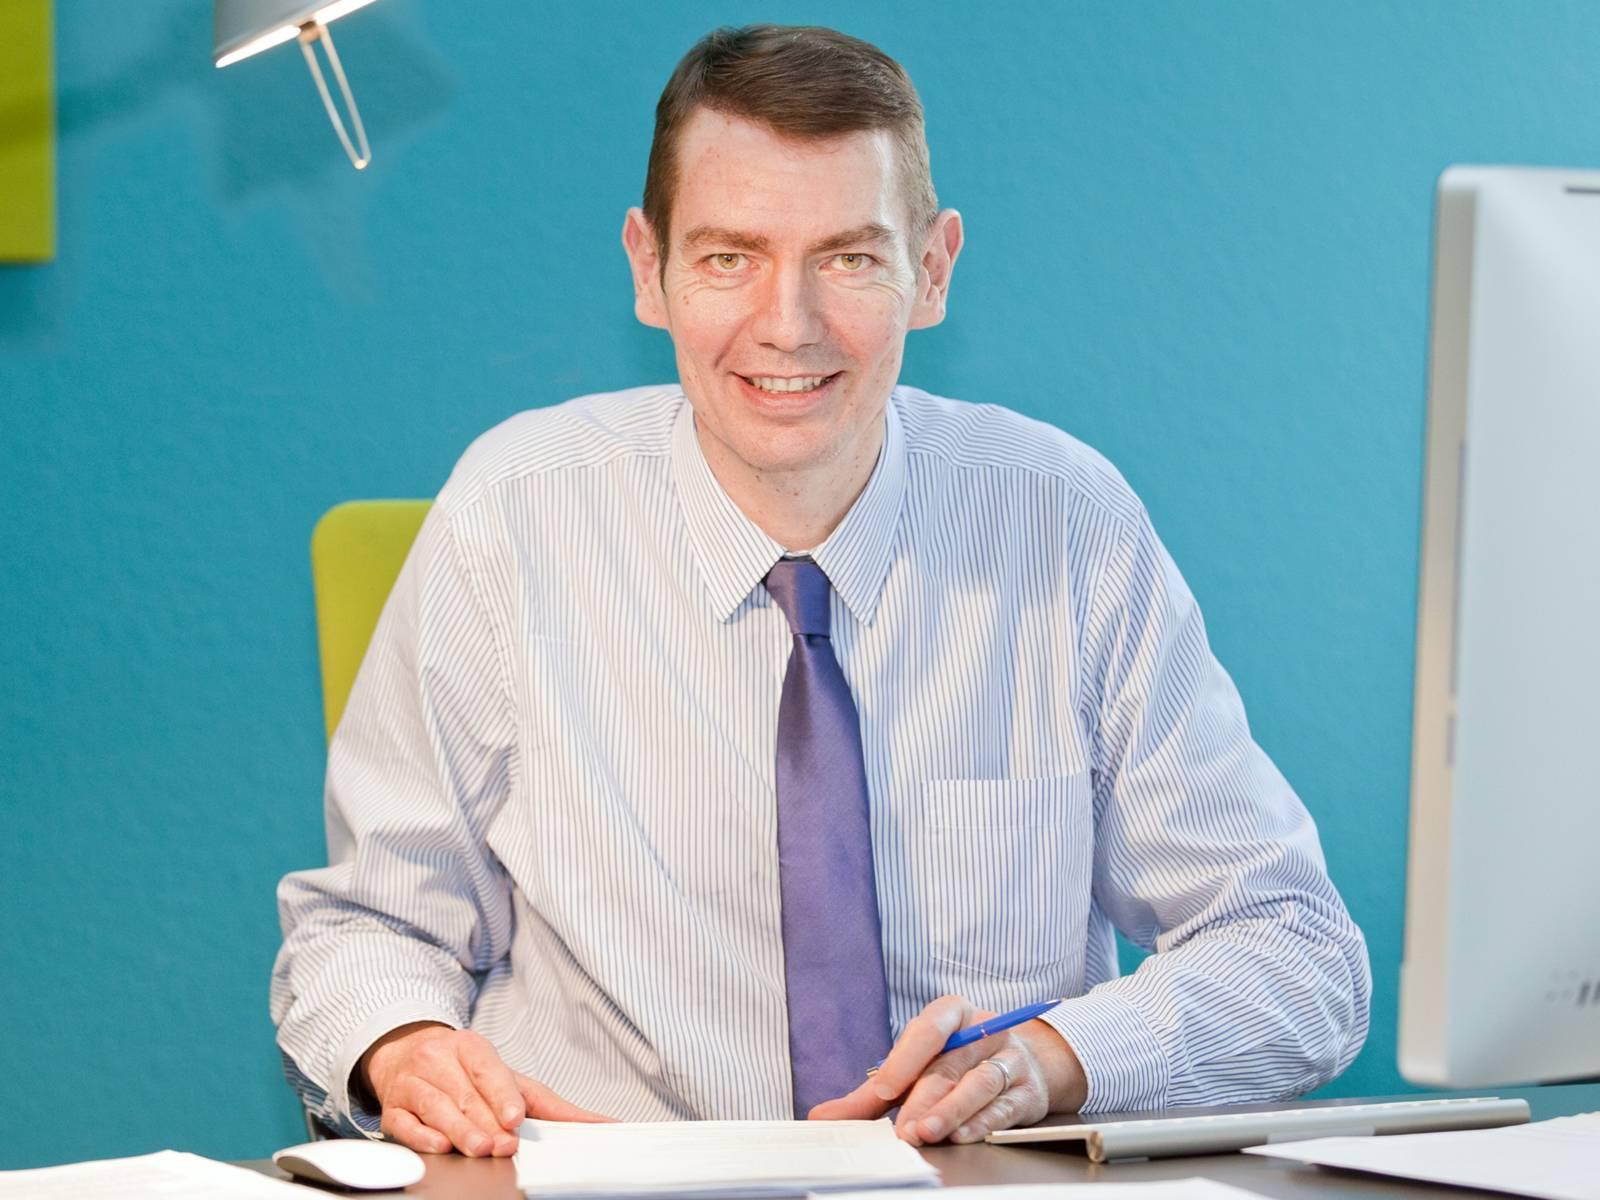 Mann in Hemd und Krarwatte sitzt an einem Schreibtisch.